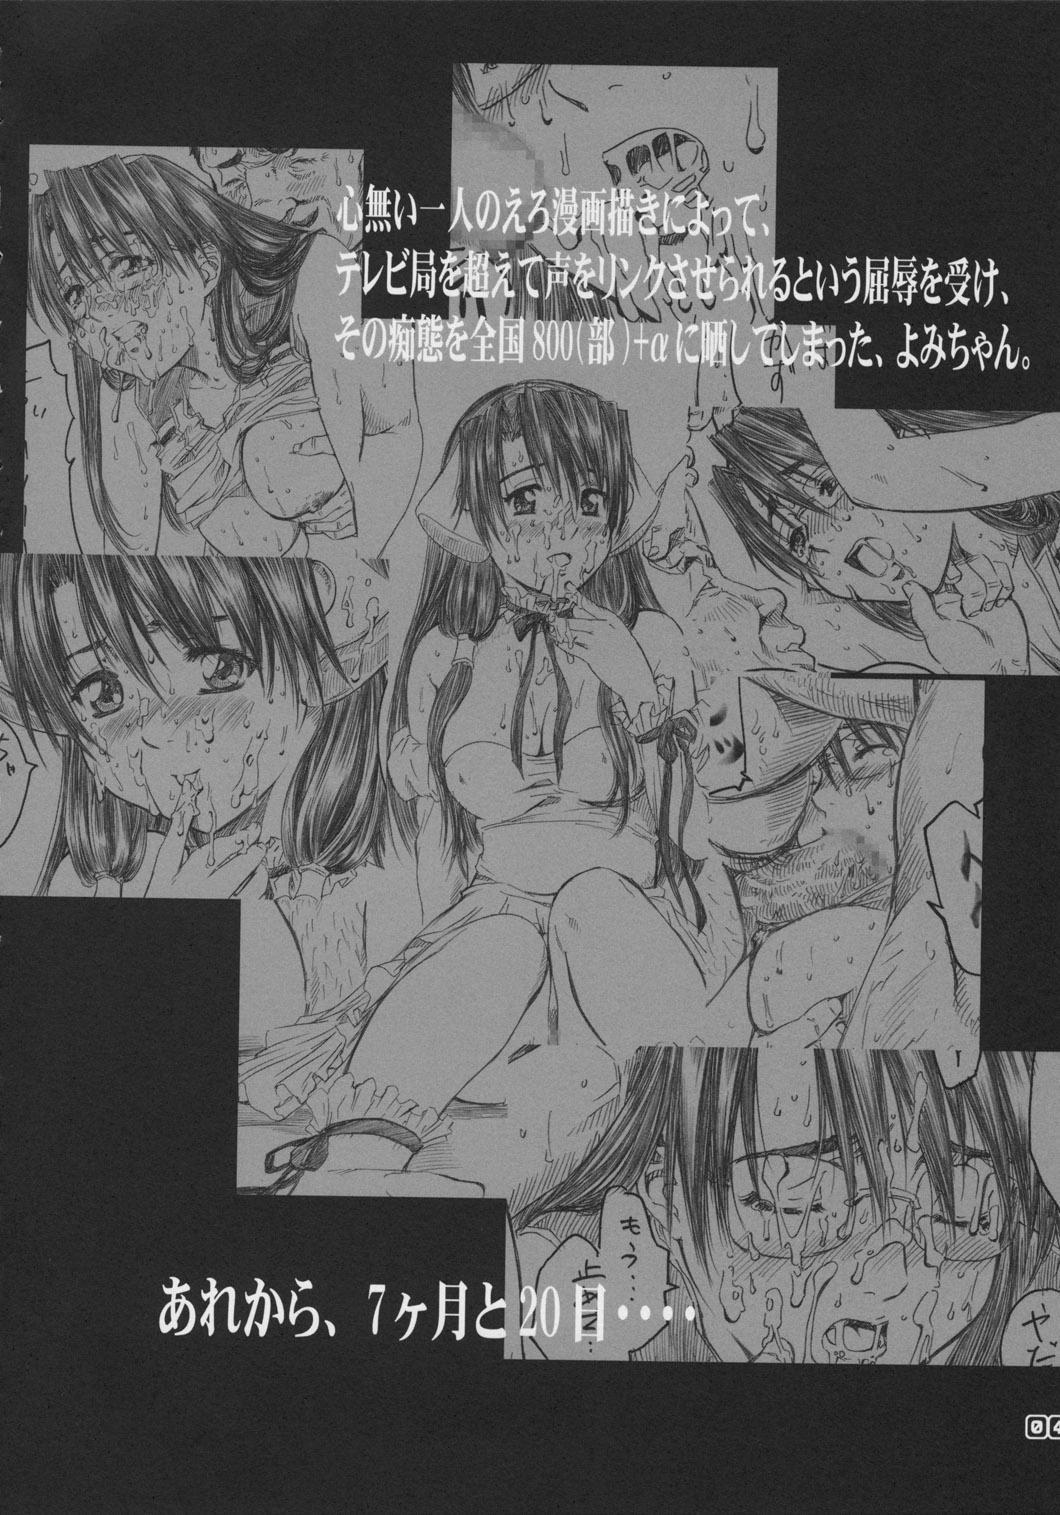 (C64) [MARUTA-DOJO (MARUTA)] Koyomi no Ren-nyu Tappuri Syu-Kuri-mu (Azumanga-Daioh) 3